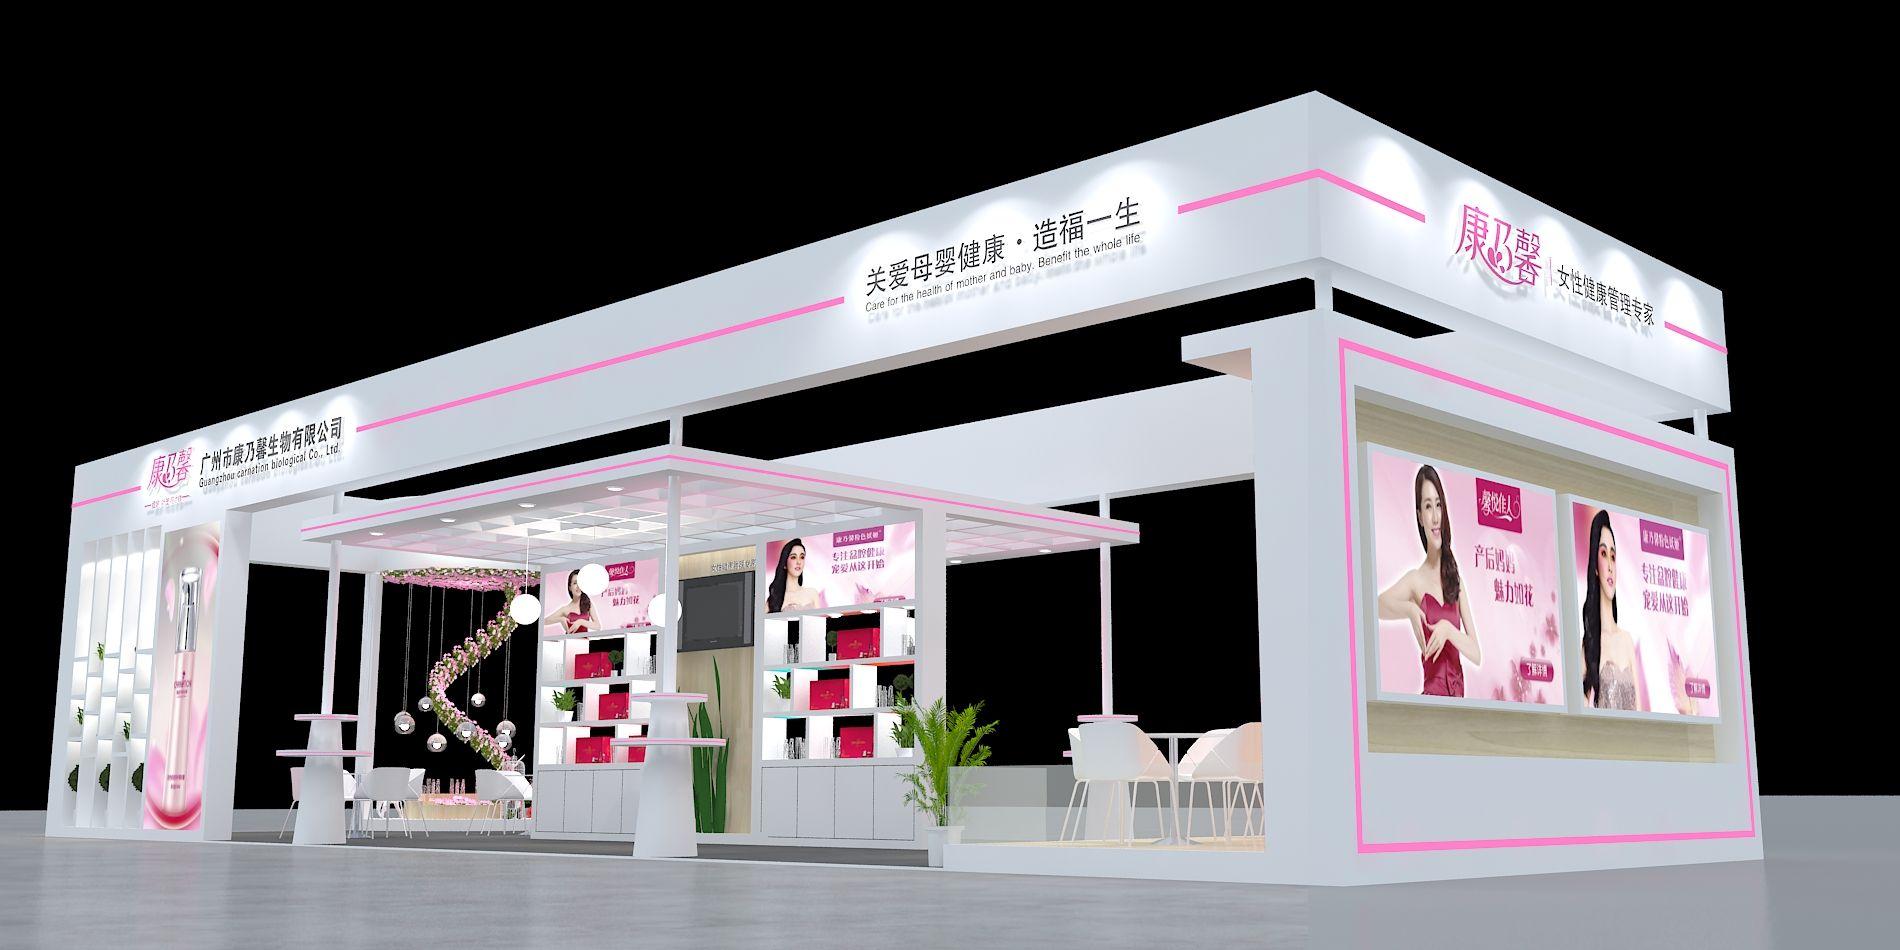 广州康乃馨生物美博会展位设计